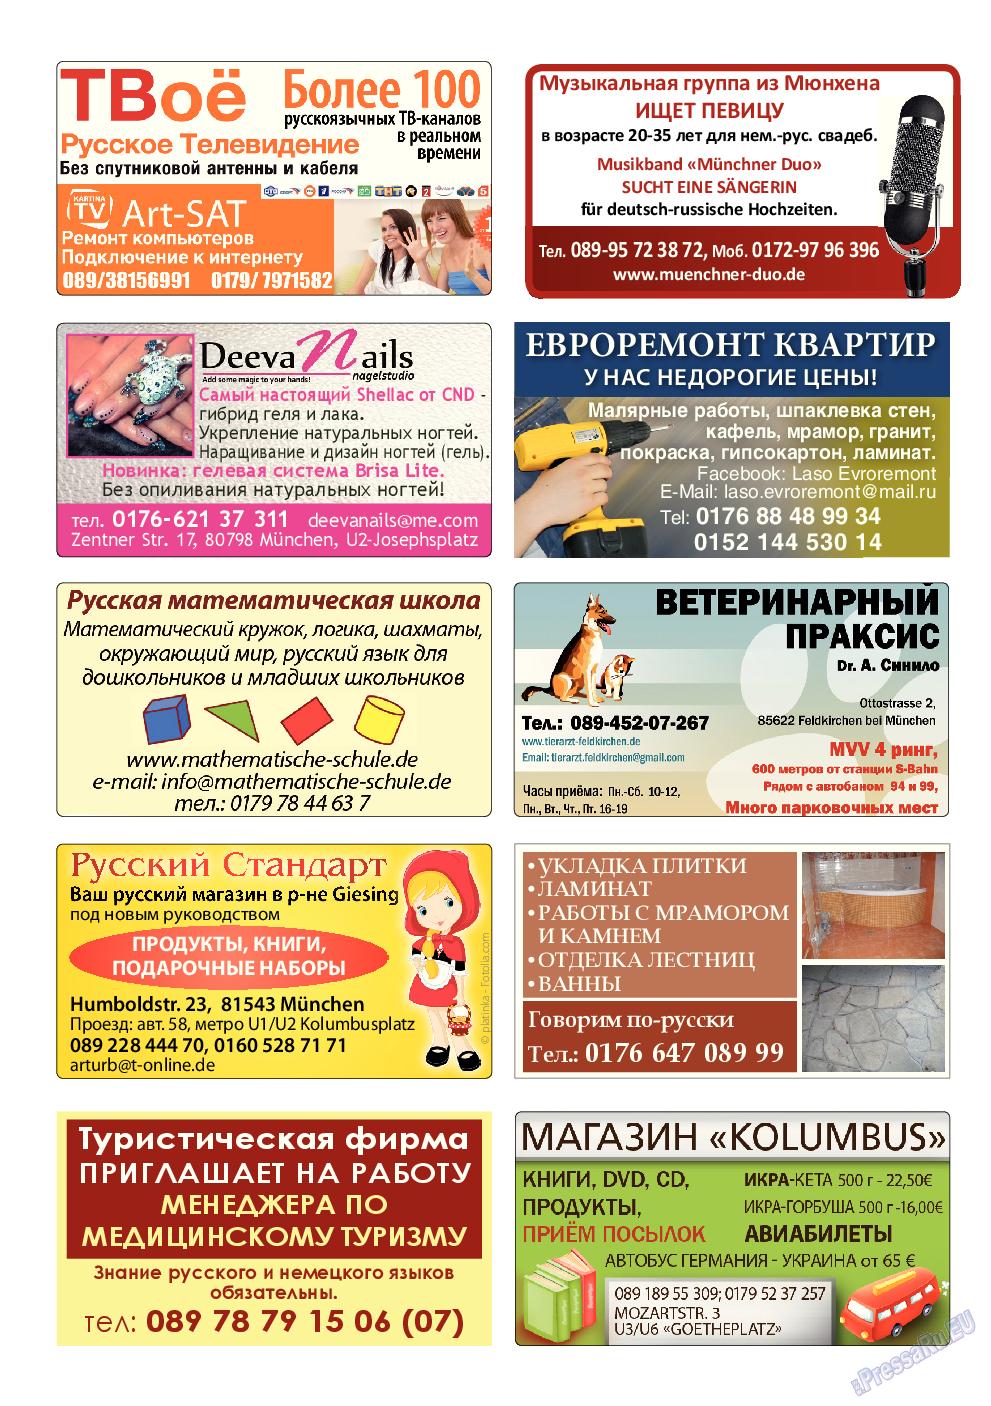 Апельсин (журнал). 2014 год, номер 58, стр. 36